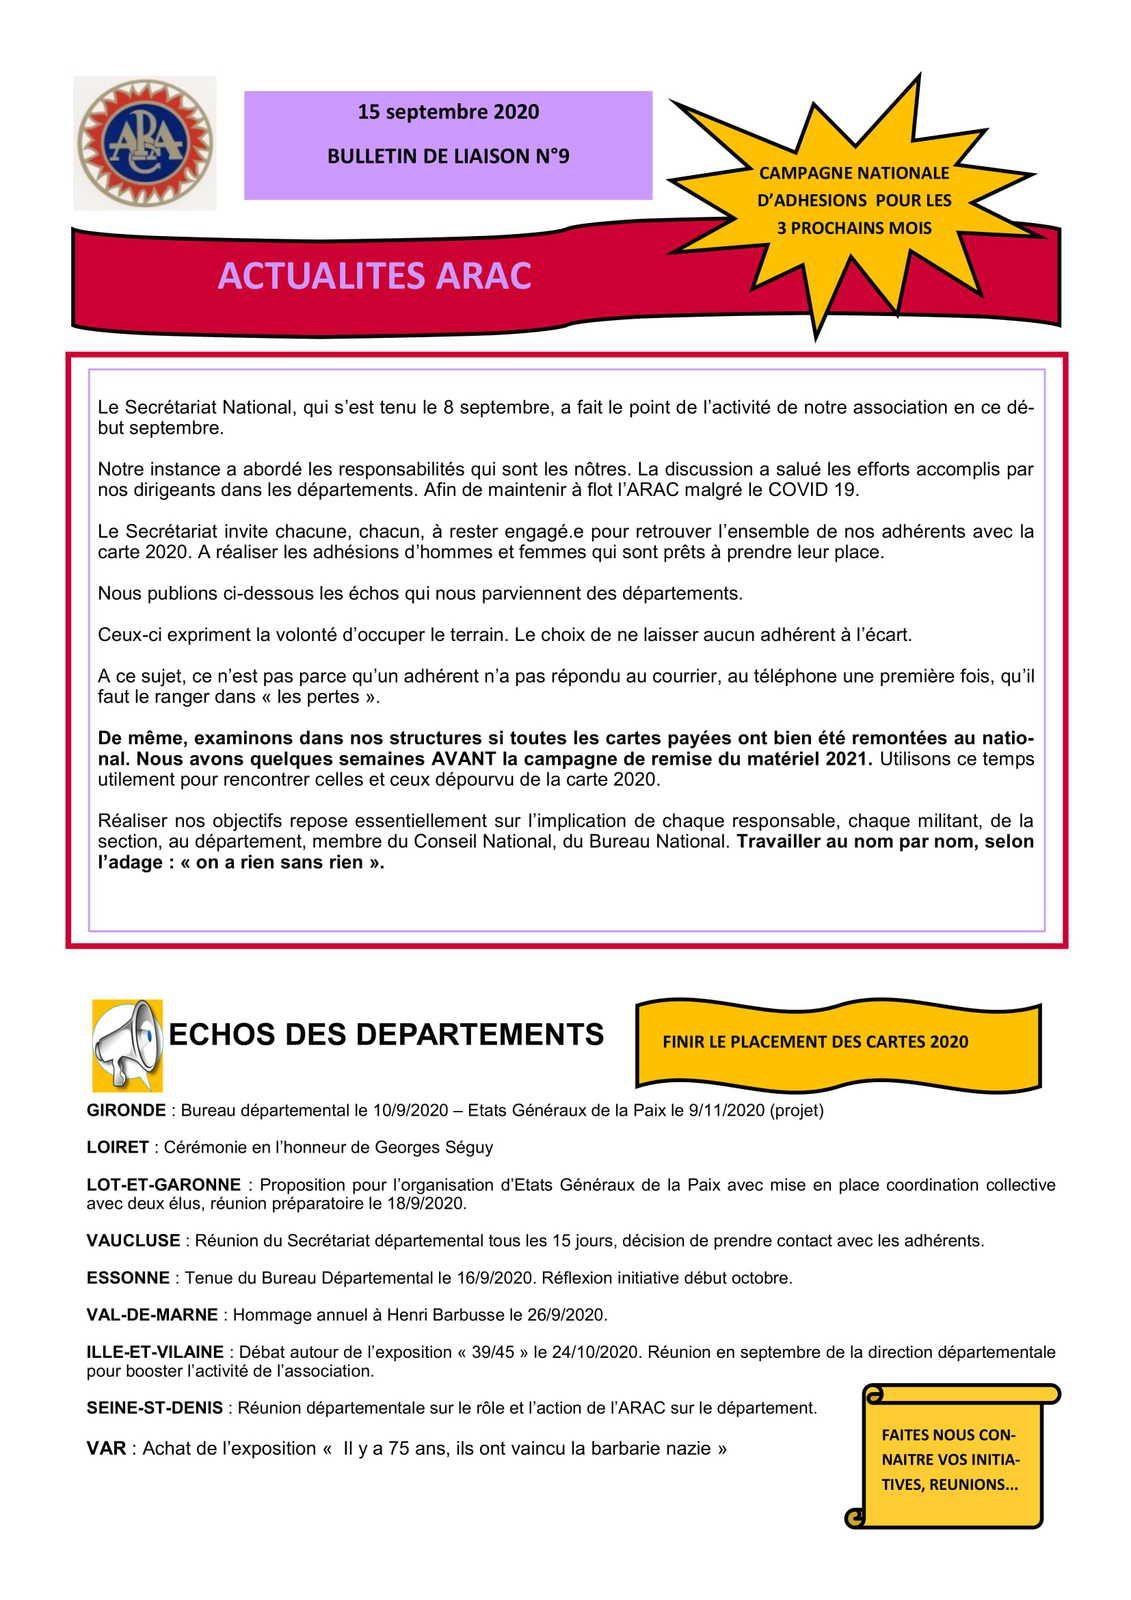 Le bulletin de liaison de l'ARAC n°9 - septembre 2020